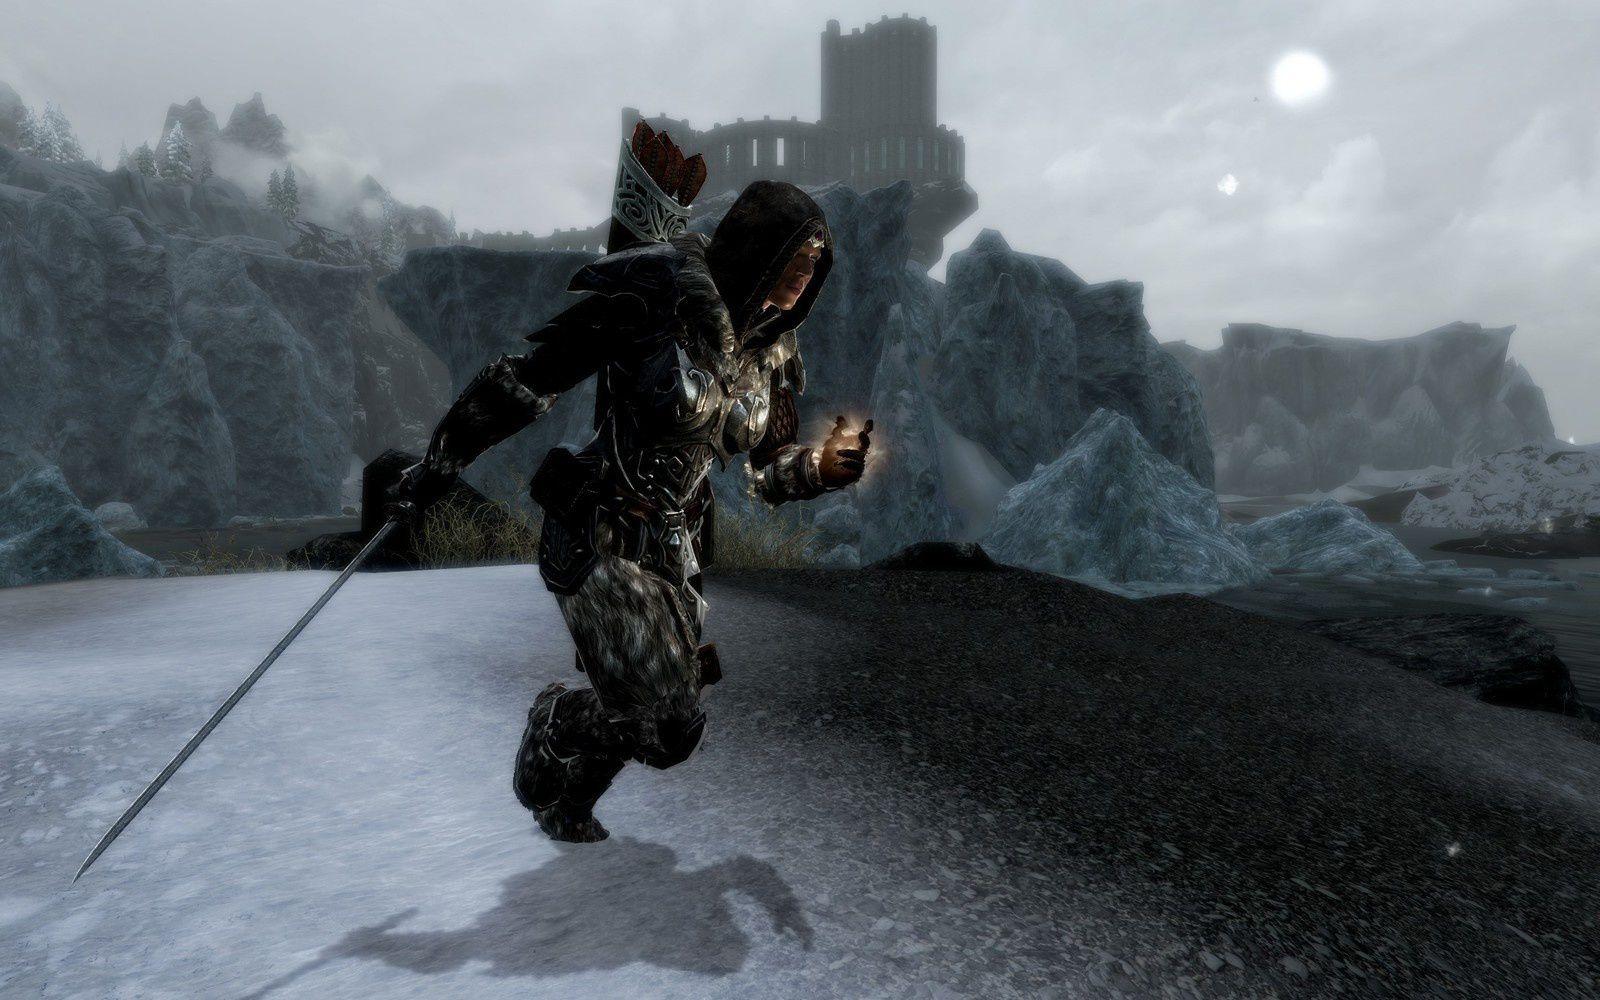 Un autre exemple pendant la course. Remarquez la position de l'épée à une main.